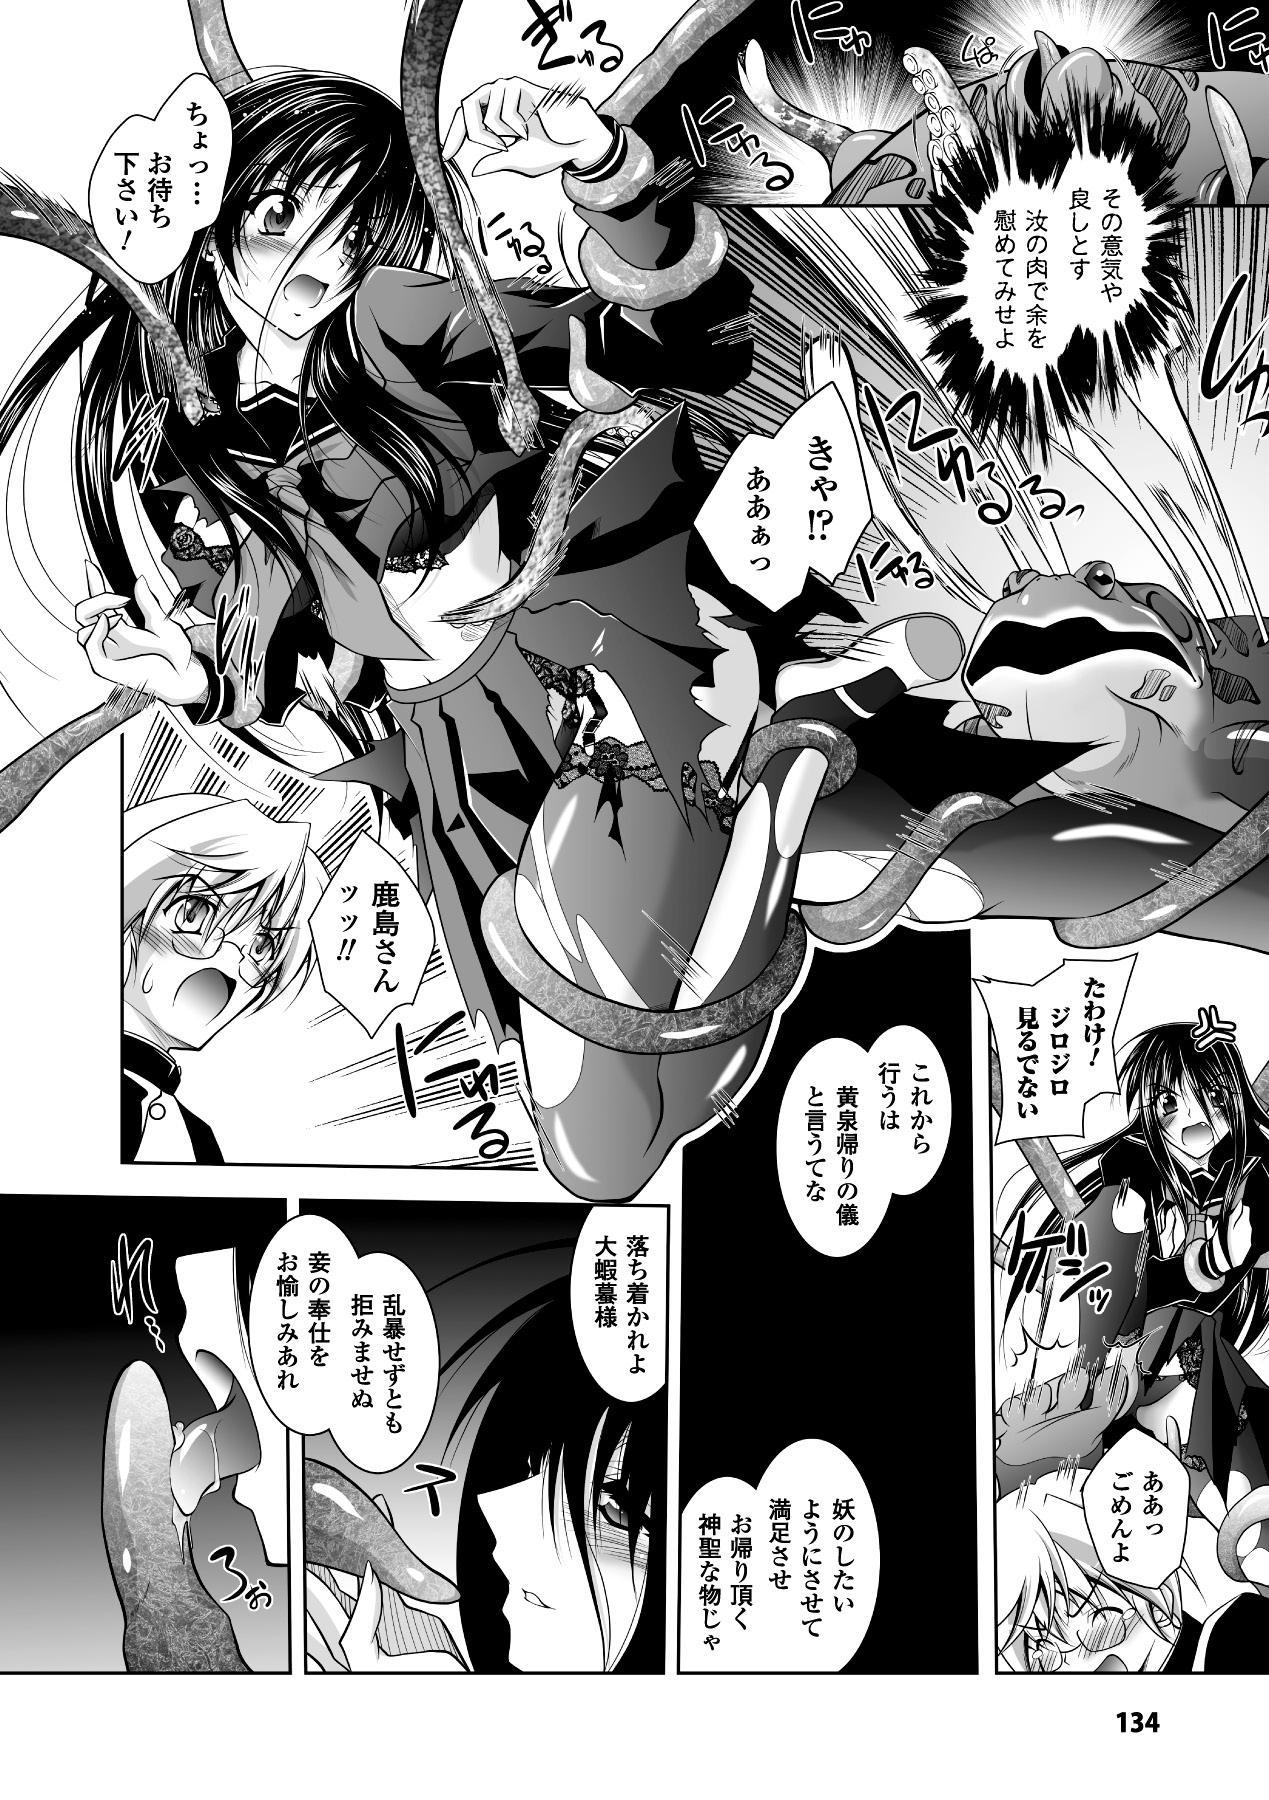 [Parfait] Mesu Inu no Tooboe ~Injyoku Elegy~ - The Howling Of A Bitch [Digital] 133